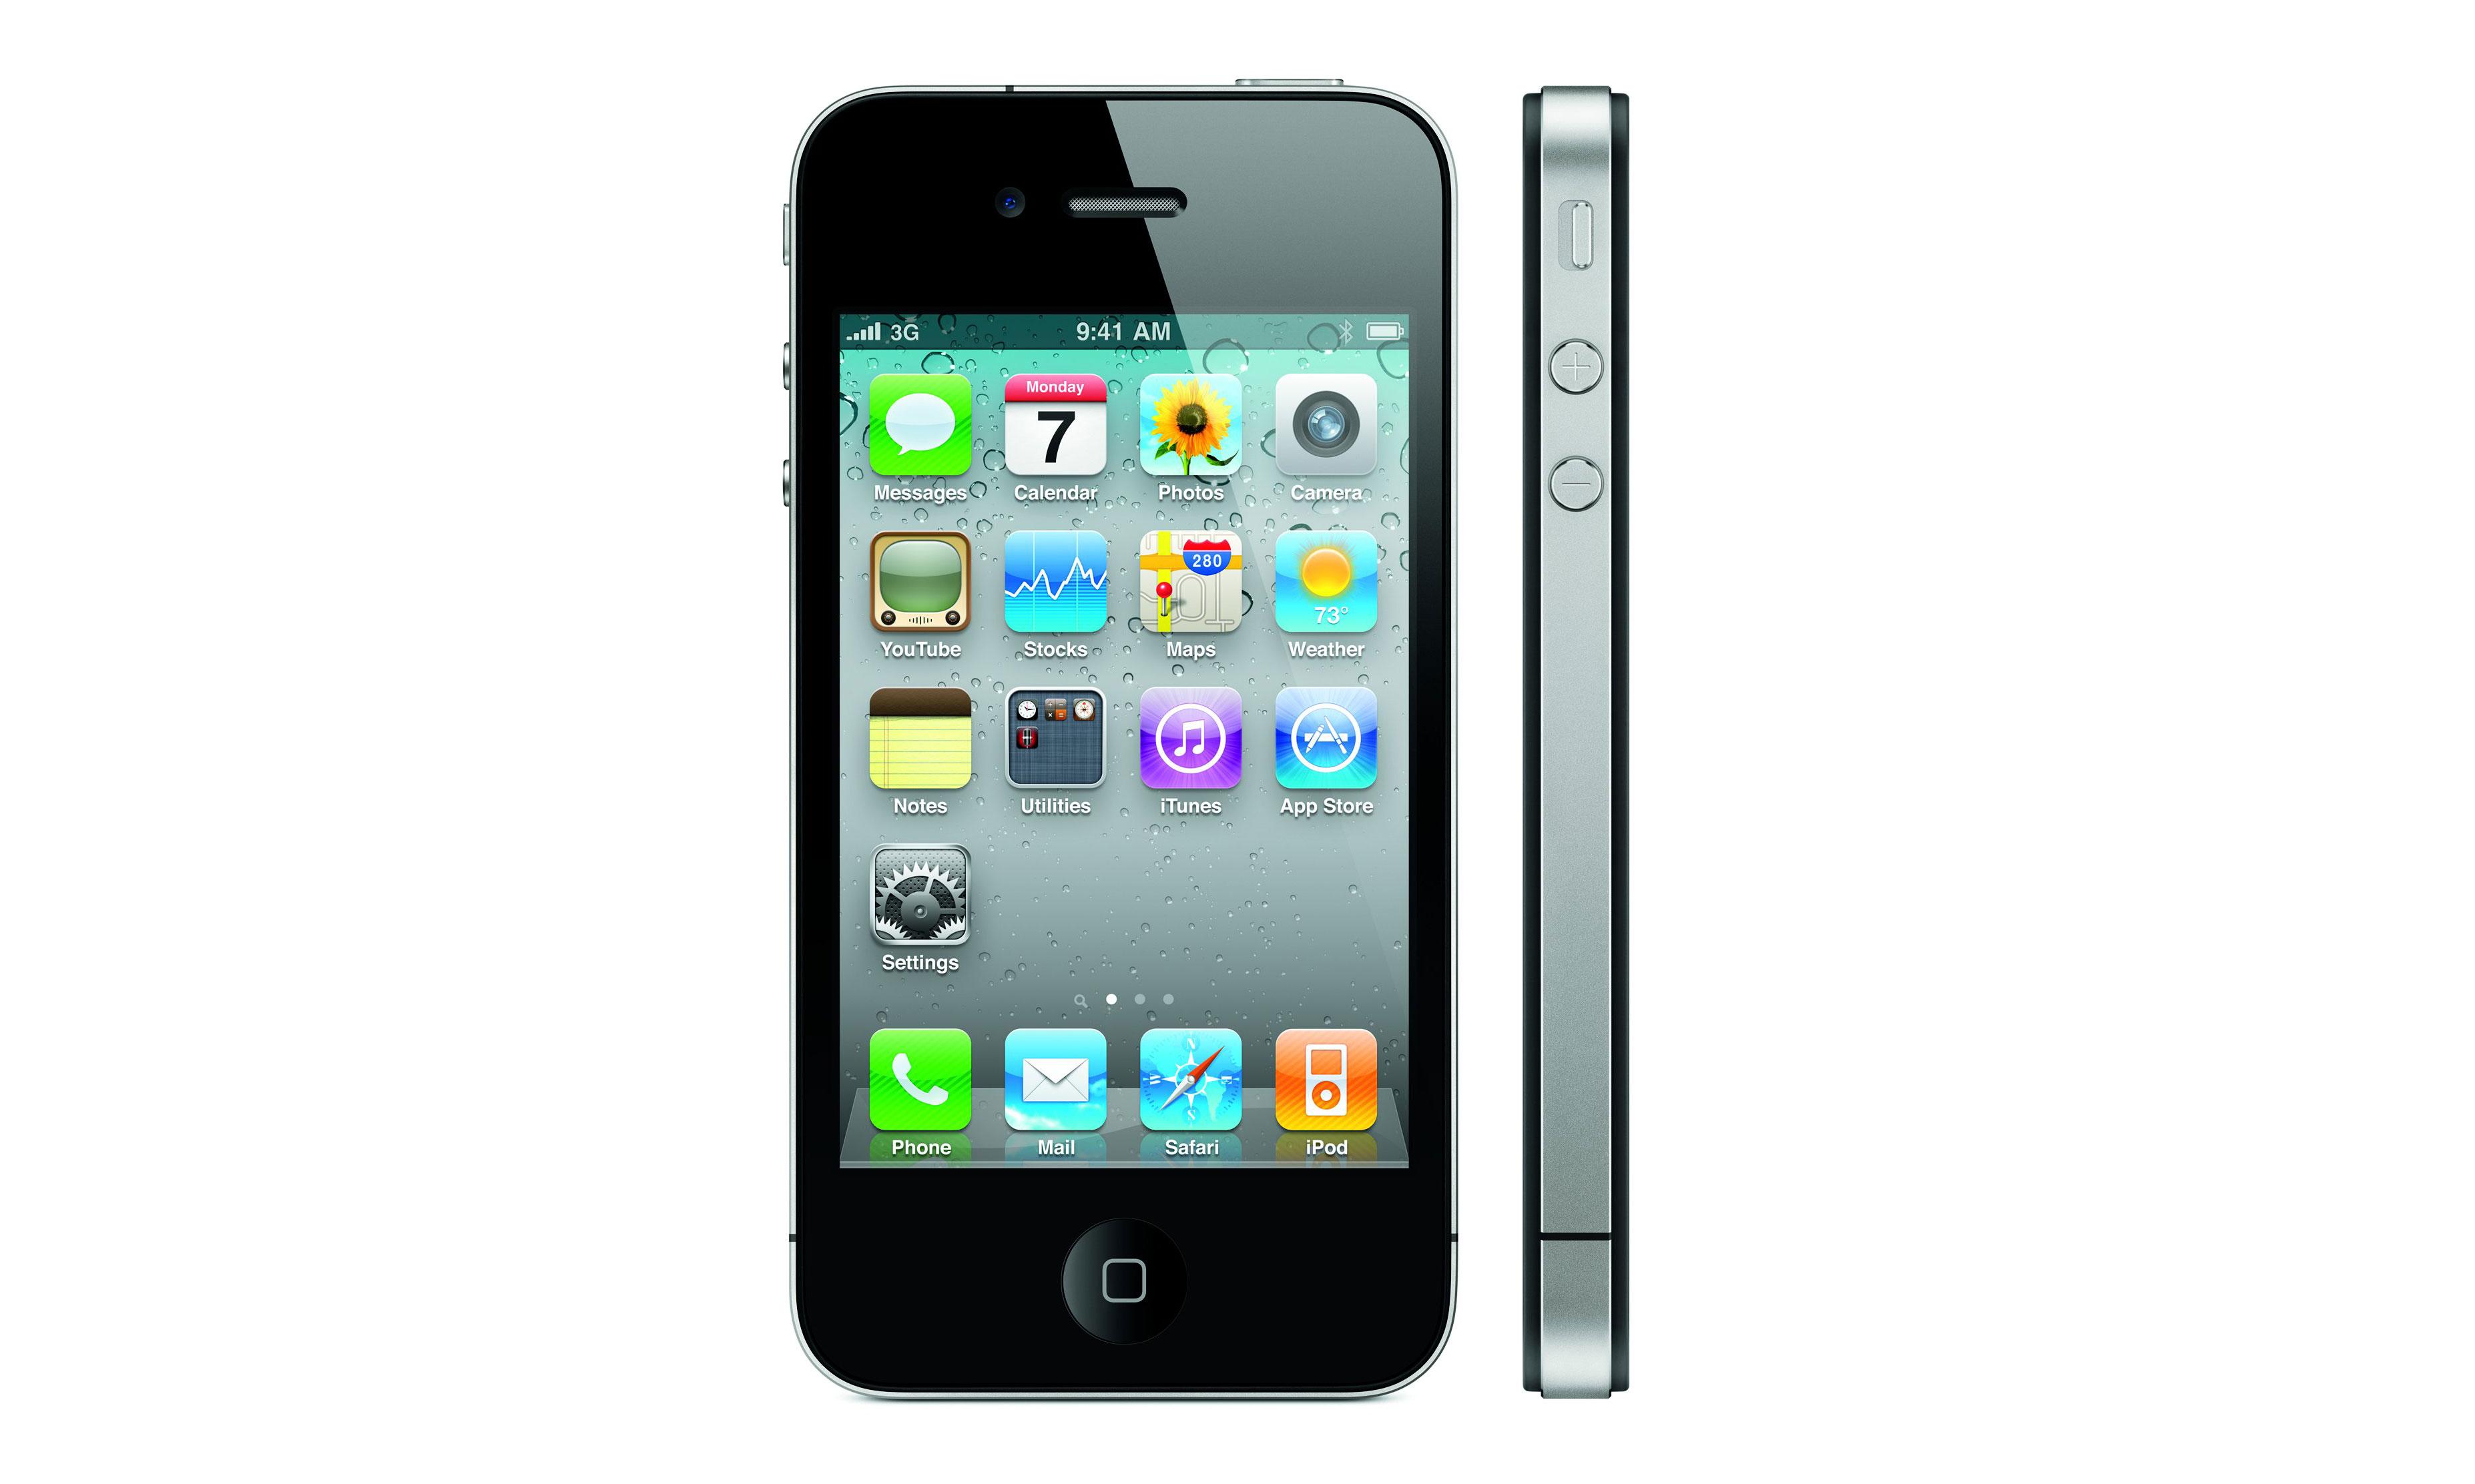 11 月 3 日后,部分 iOS 设备若不更新将出现多种问题